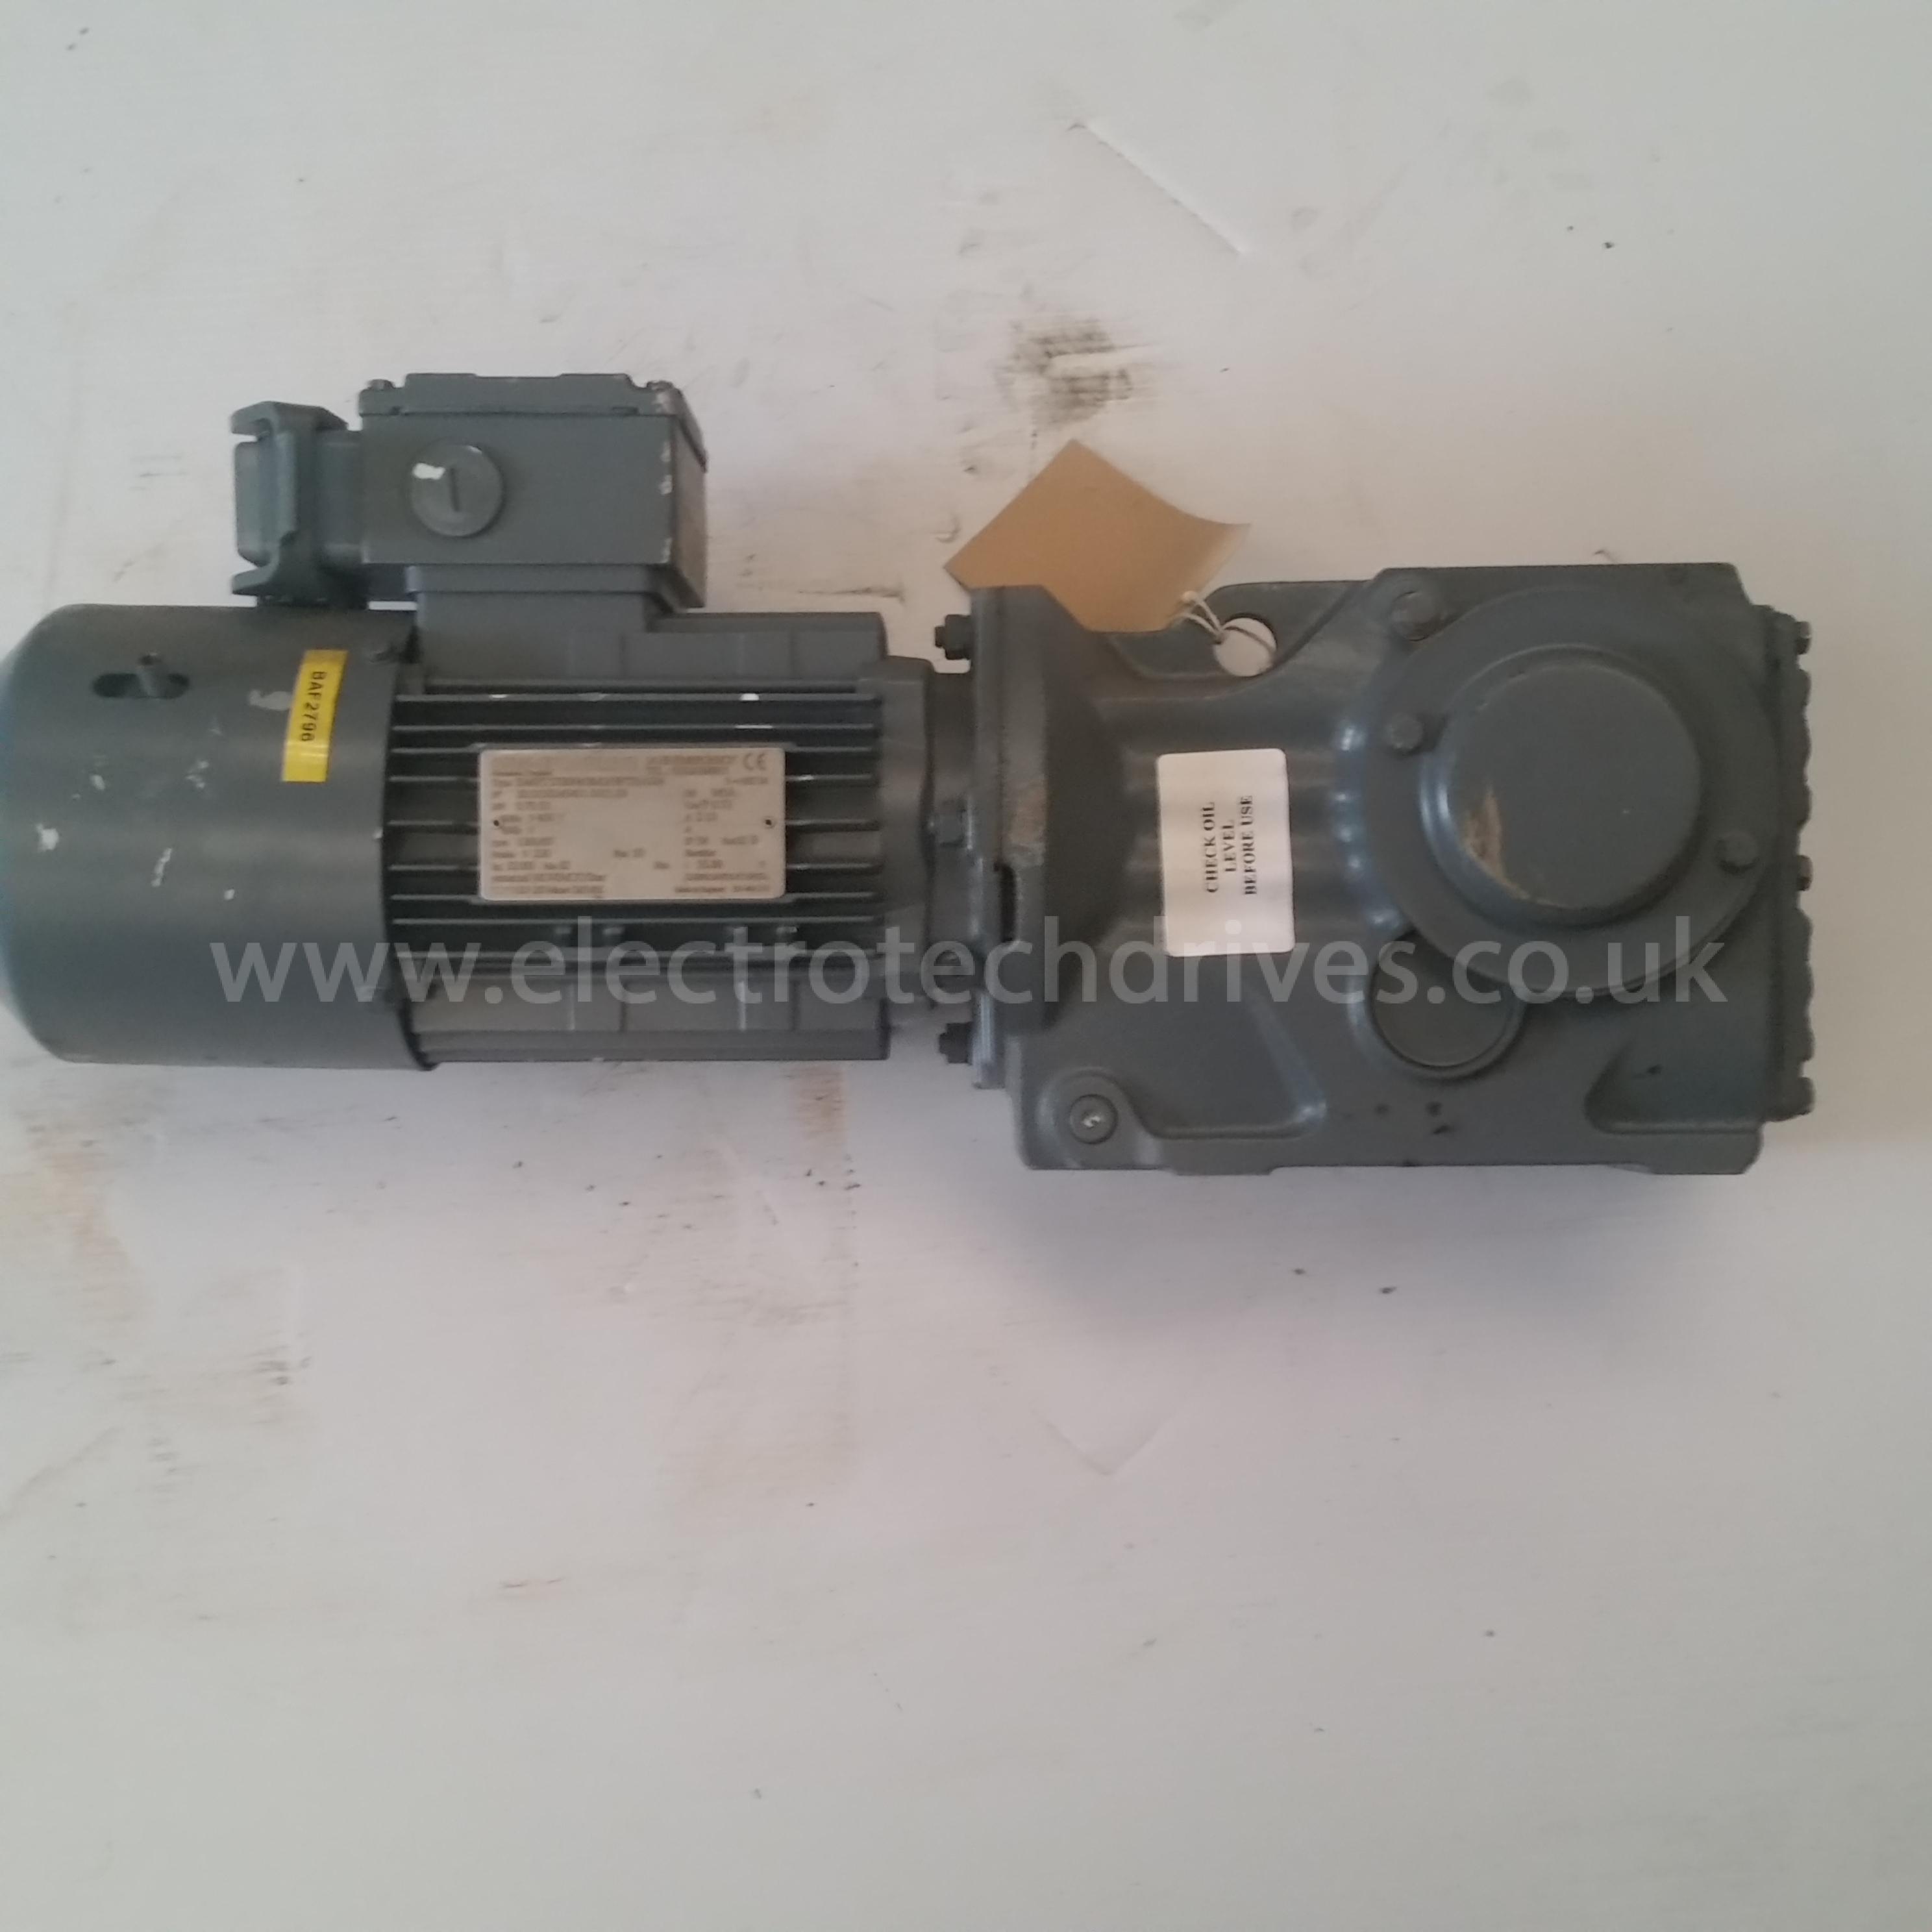 Sew Eurodrive Geared Motor Ka47 Tdt80n4 Bmg Hf Th Asb4